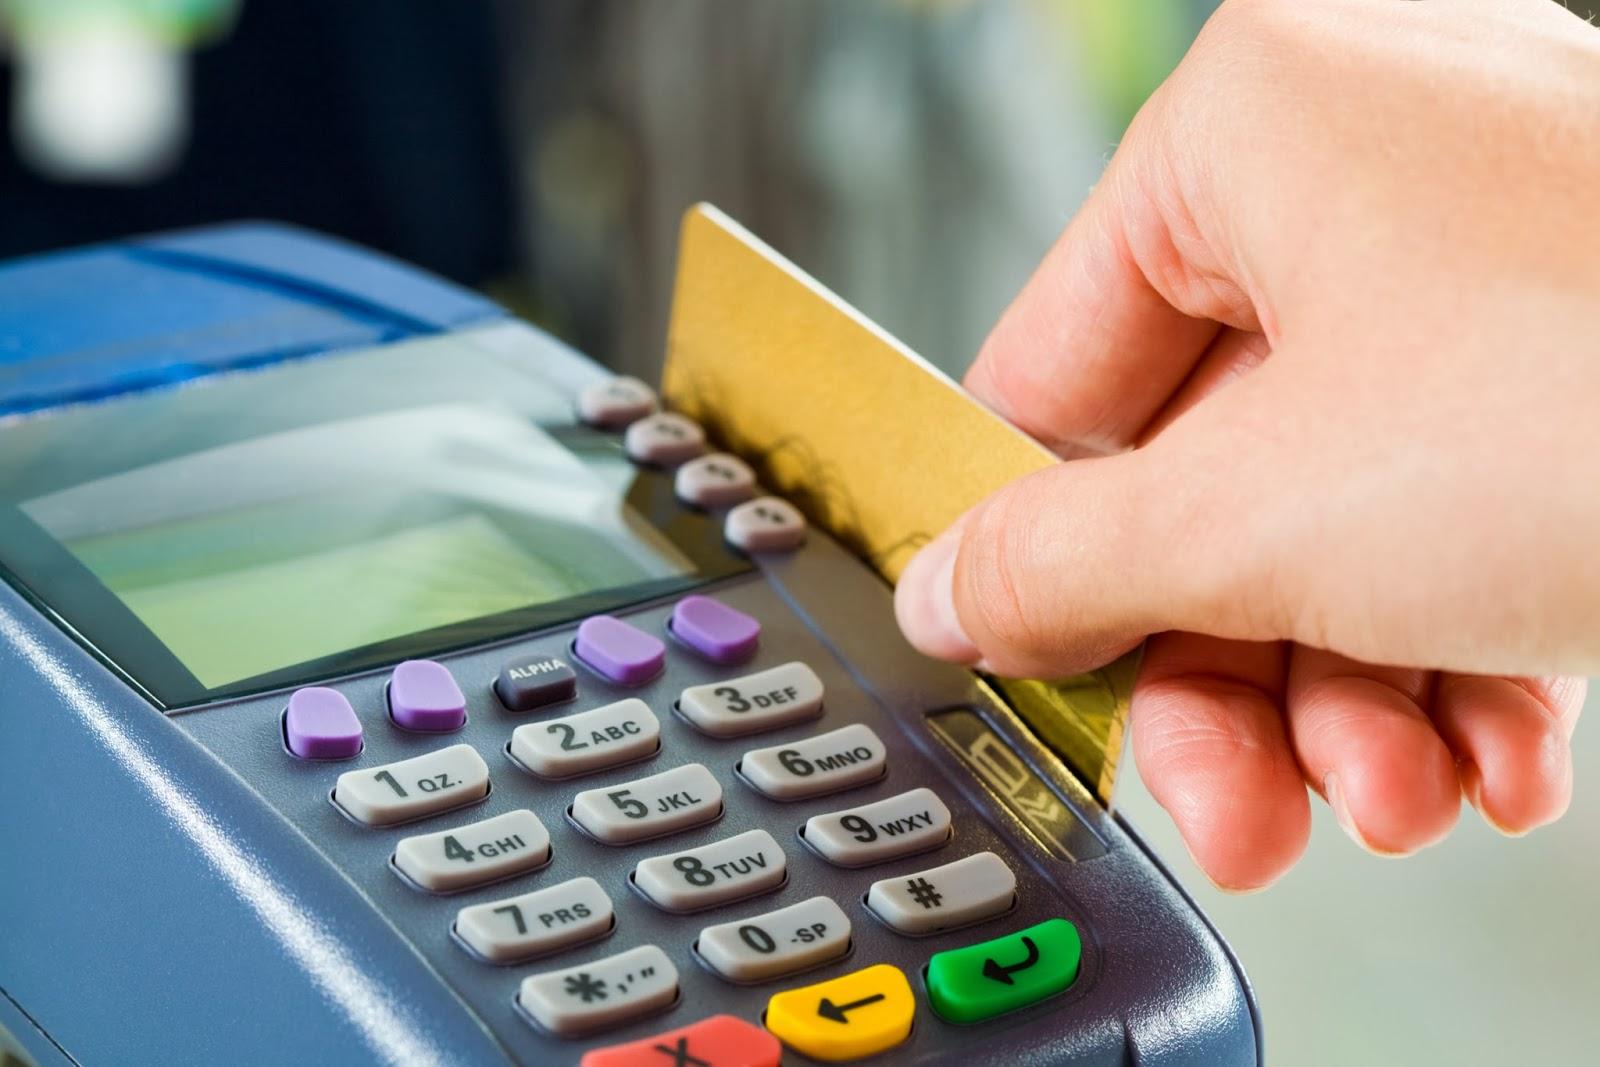 Cartão de débito e crédito: faça a gestão adequada das vendas e evite surpresas no orçamento